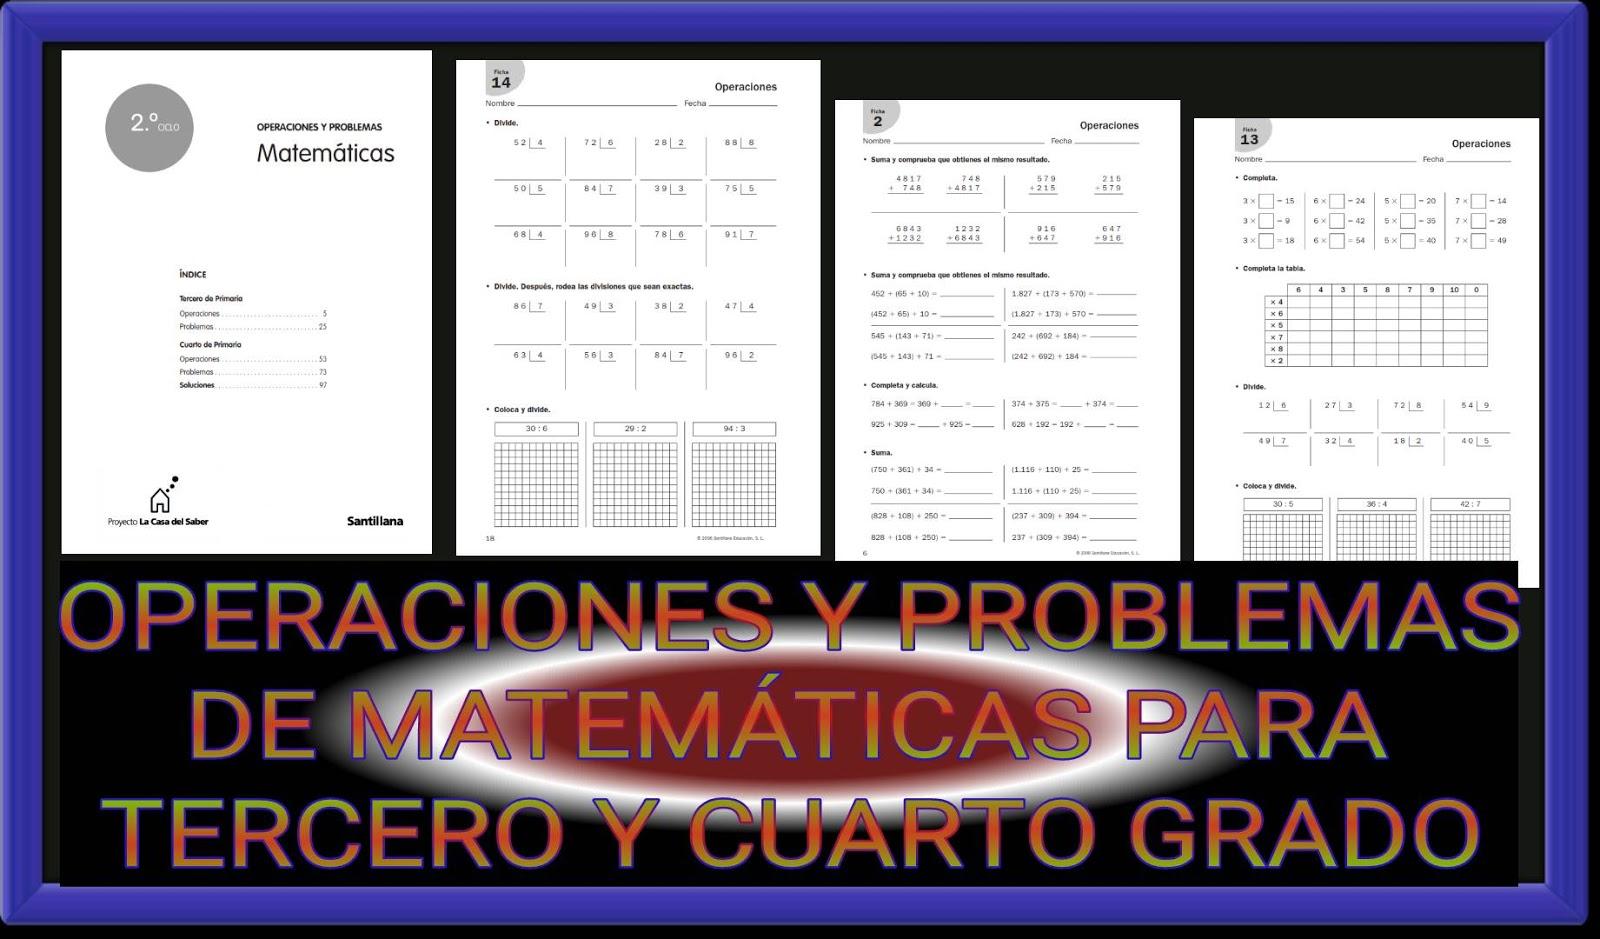 OPERACIONES Y PROBLEMAS DE MATEMÁTICAS PARA TERCERO Y CUARTO ...